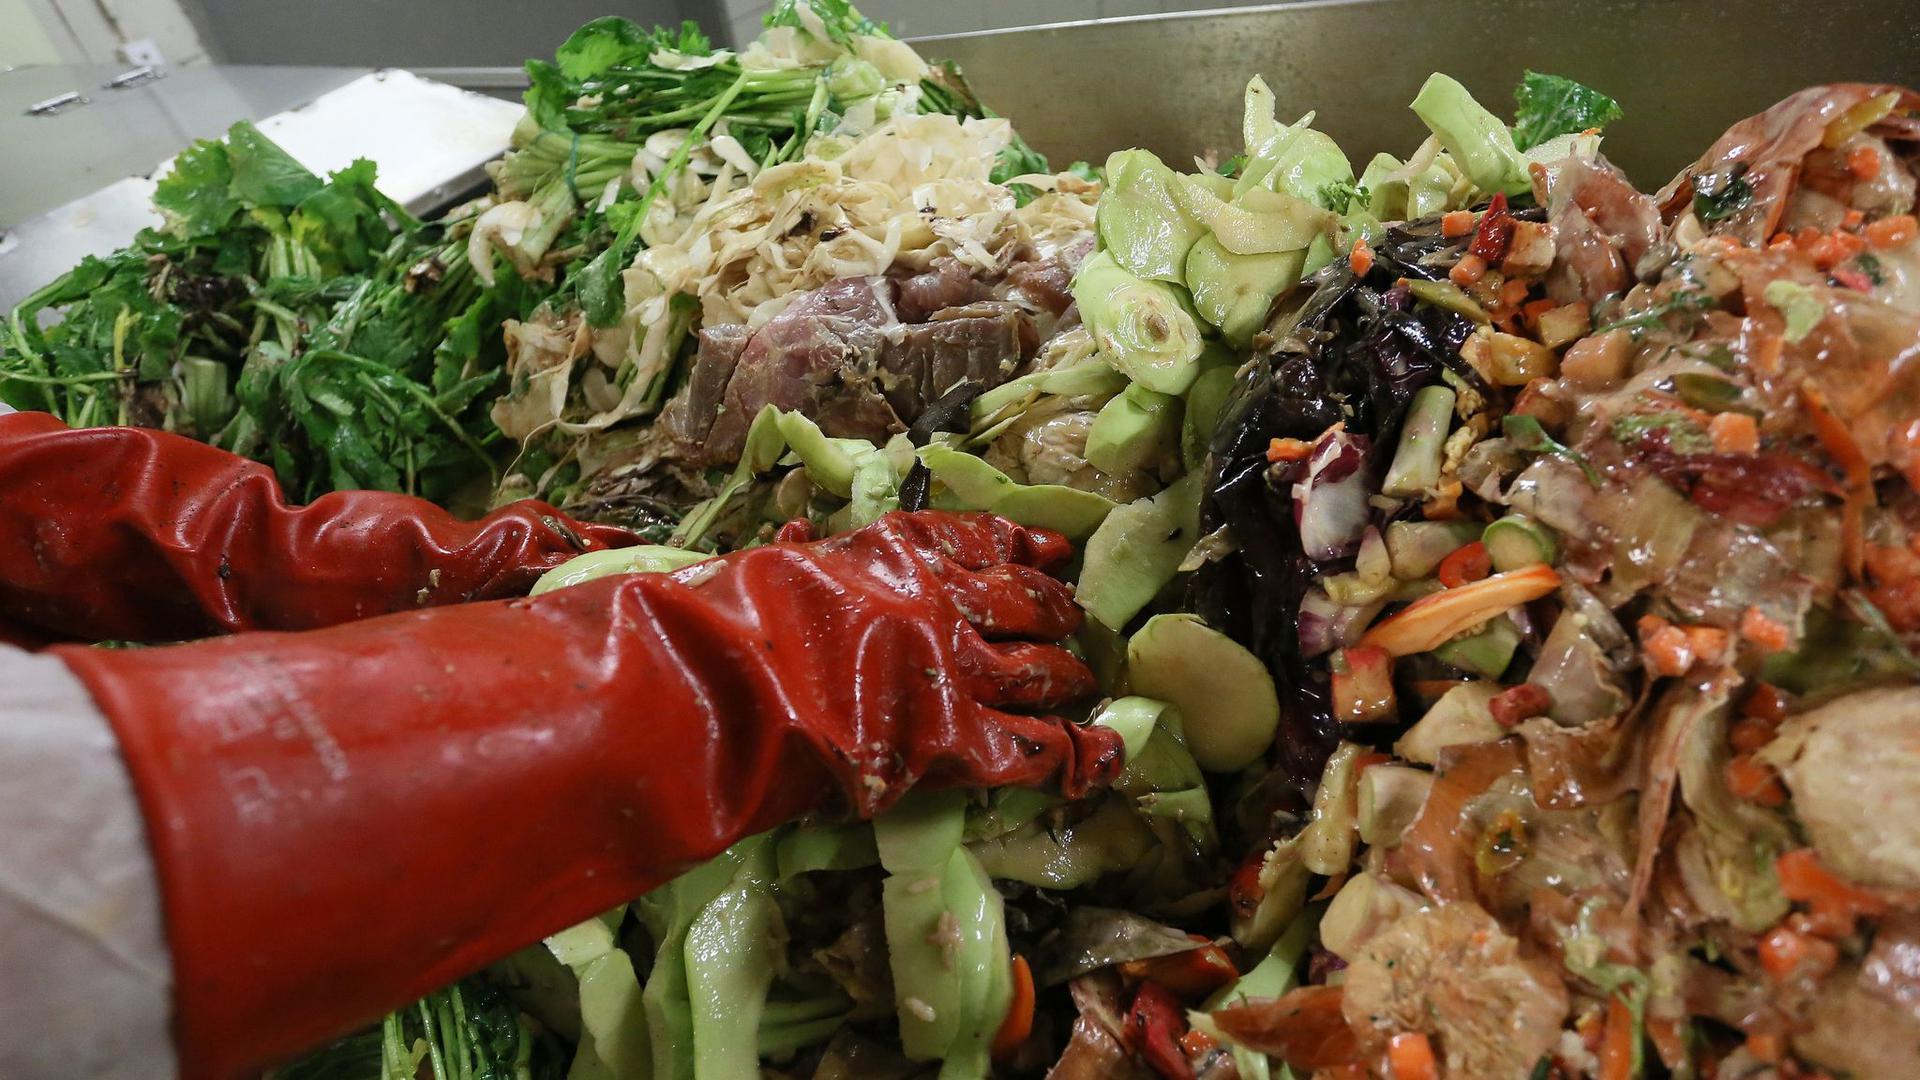 Der Mitarbeiter eines Recycling-Unternehmens prüft Speisereste auf Fremdstoffe wie Kunststoffe oder Papier.